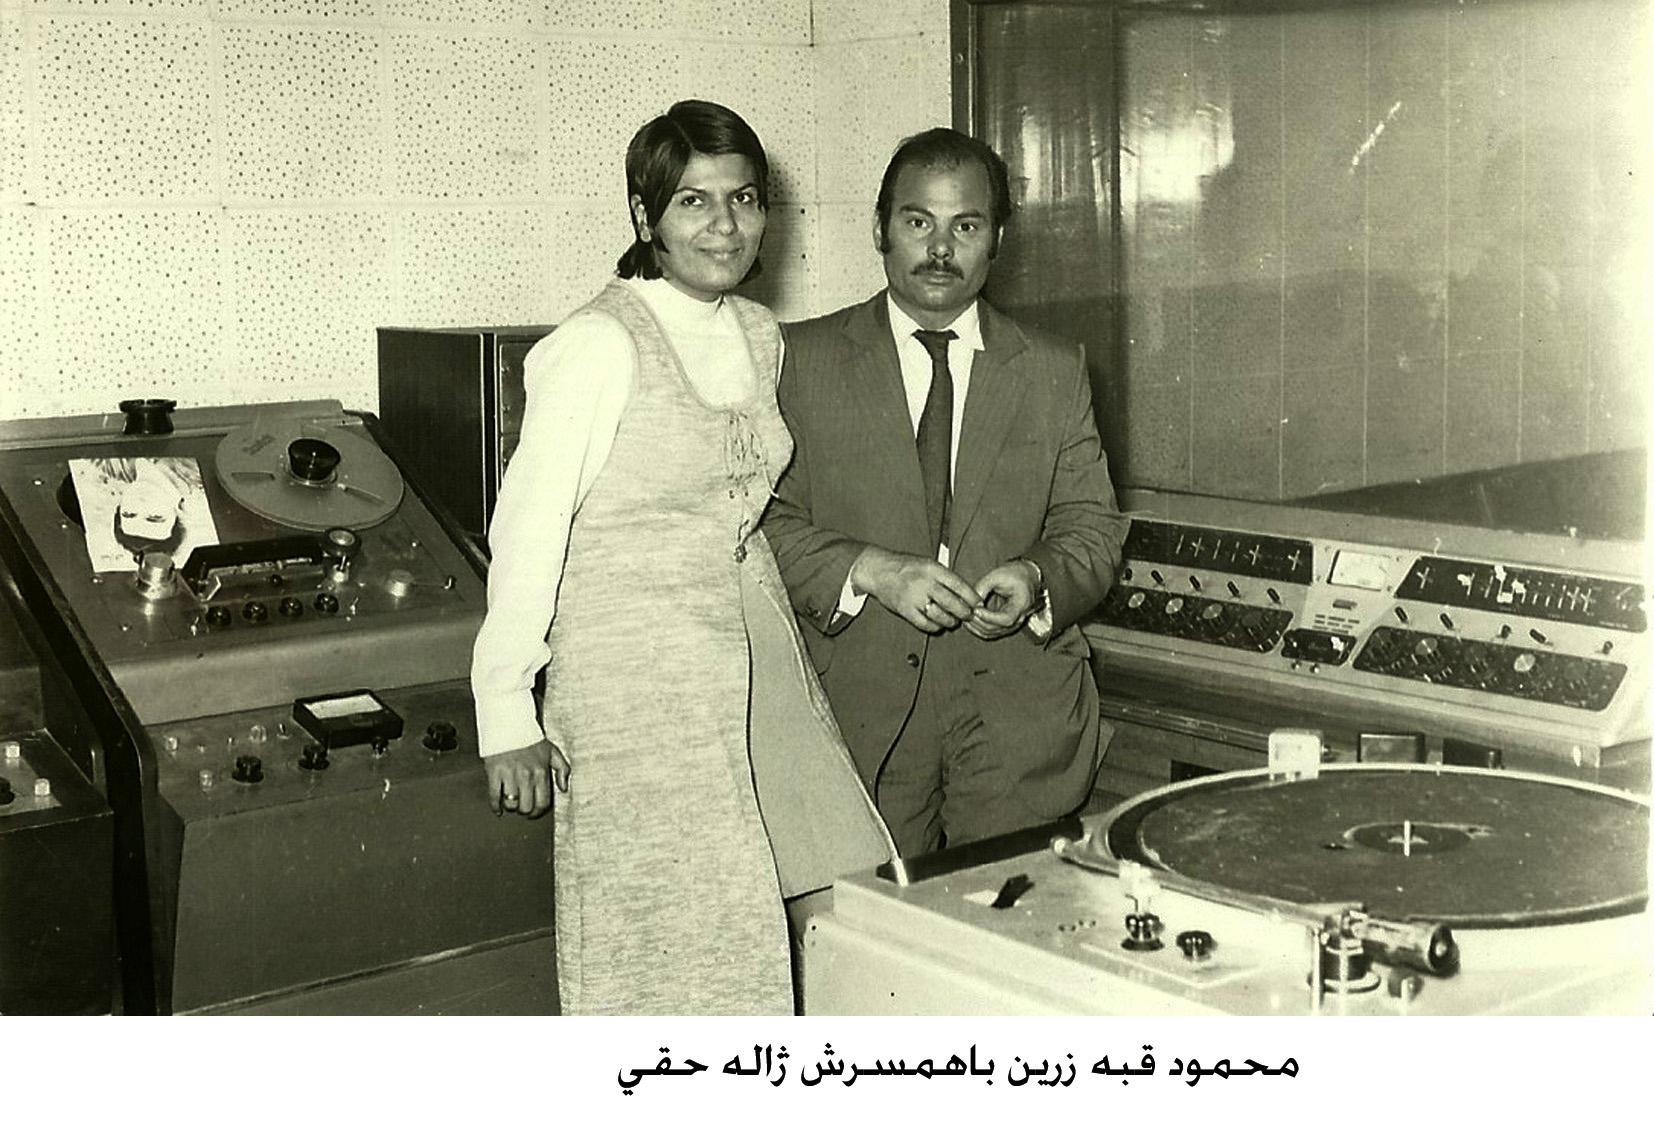 محمود قبه زرین و همسرش ژاله حقی